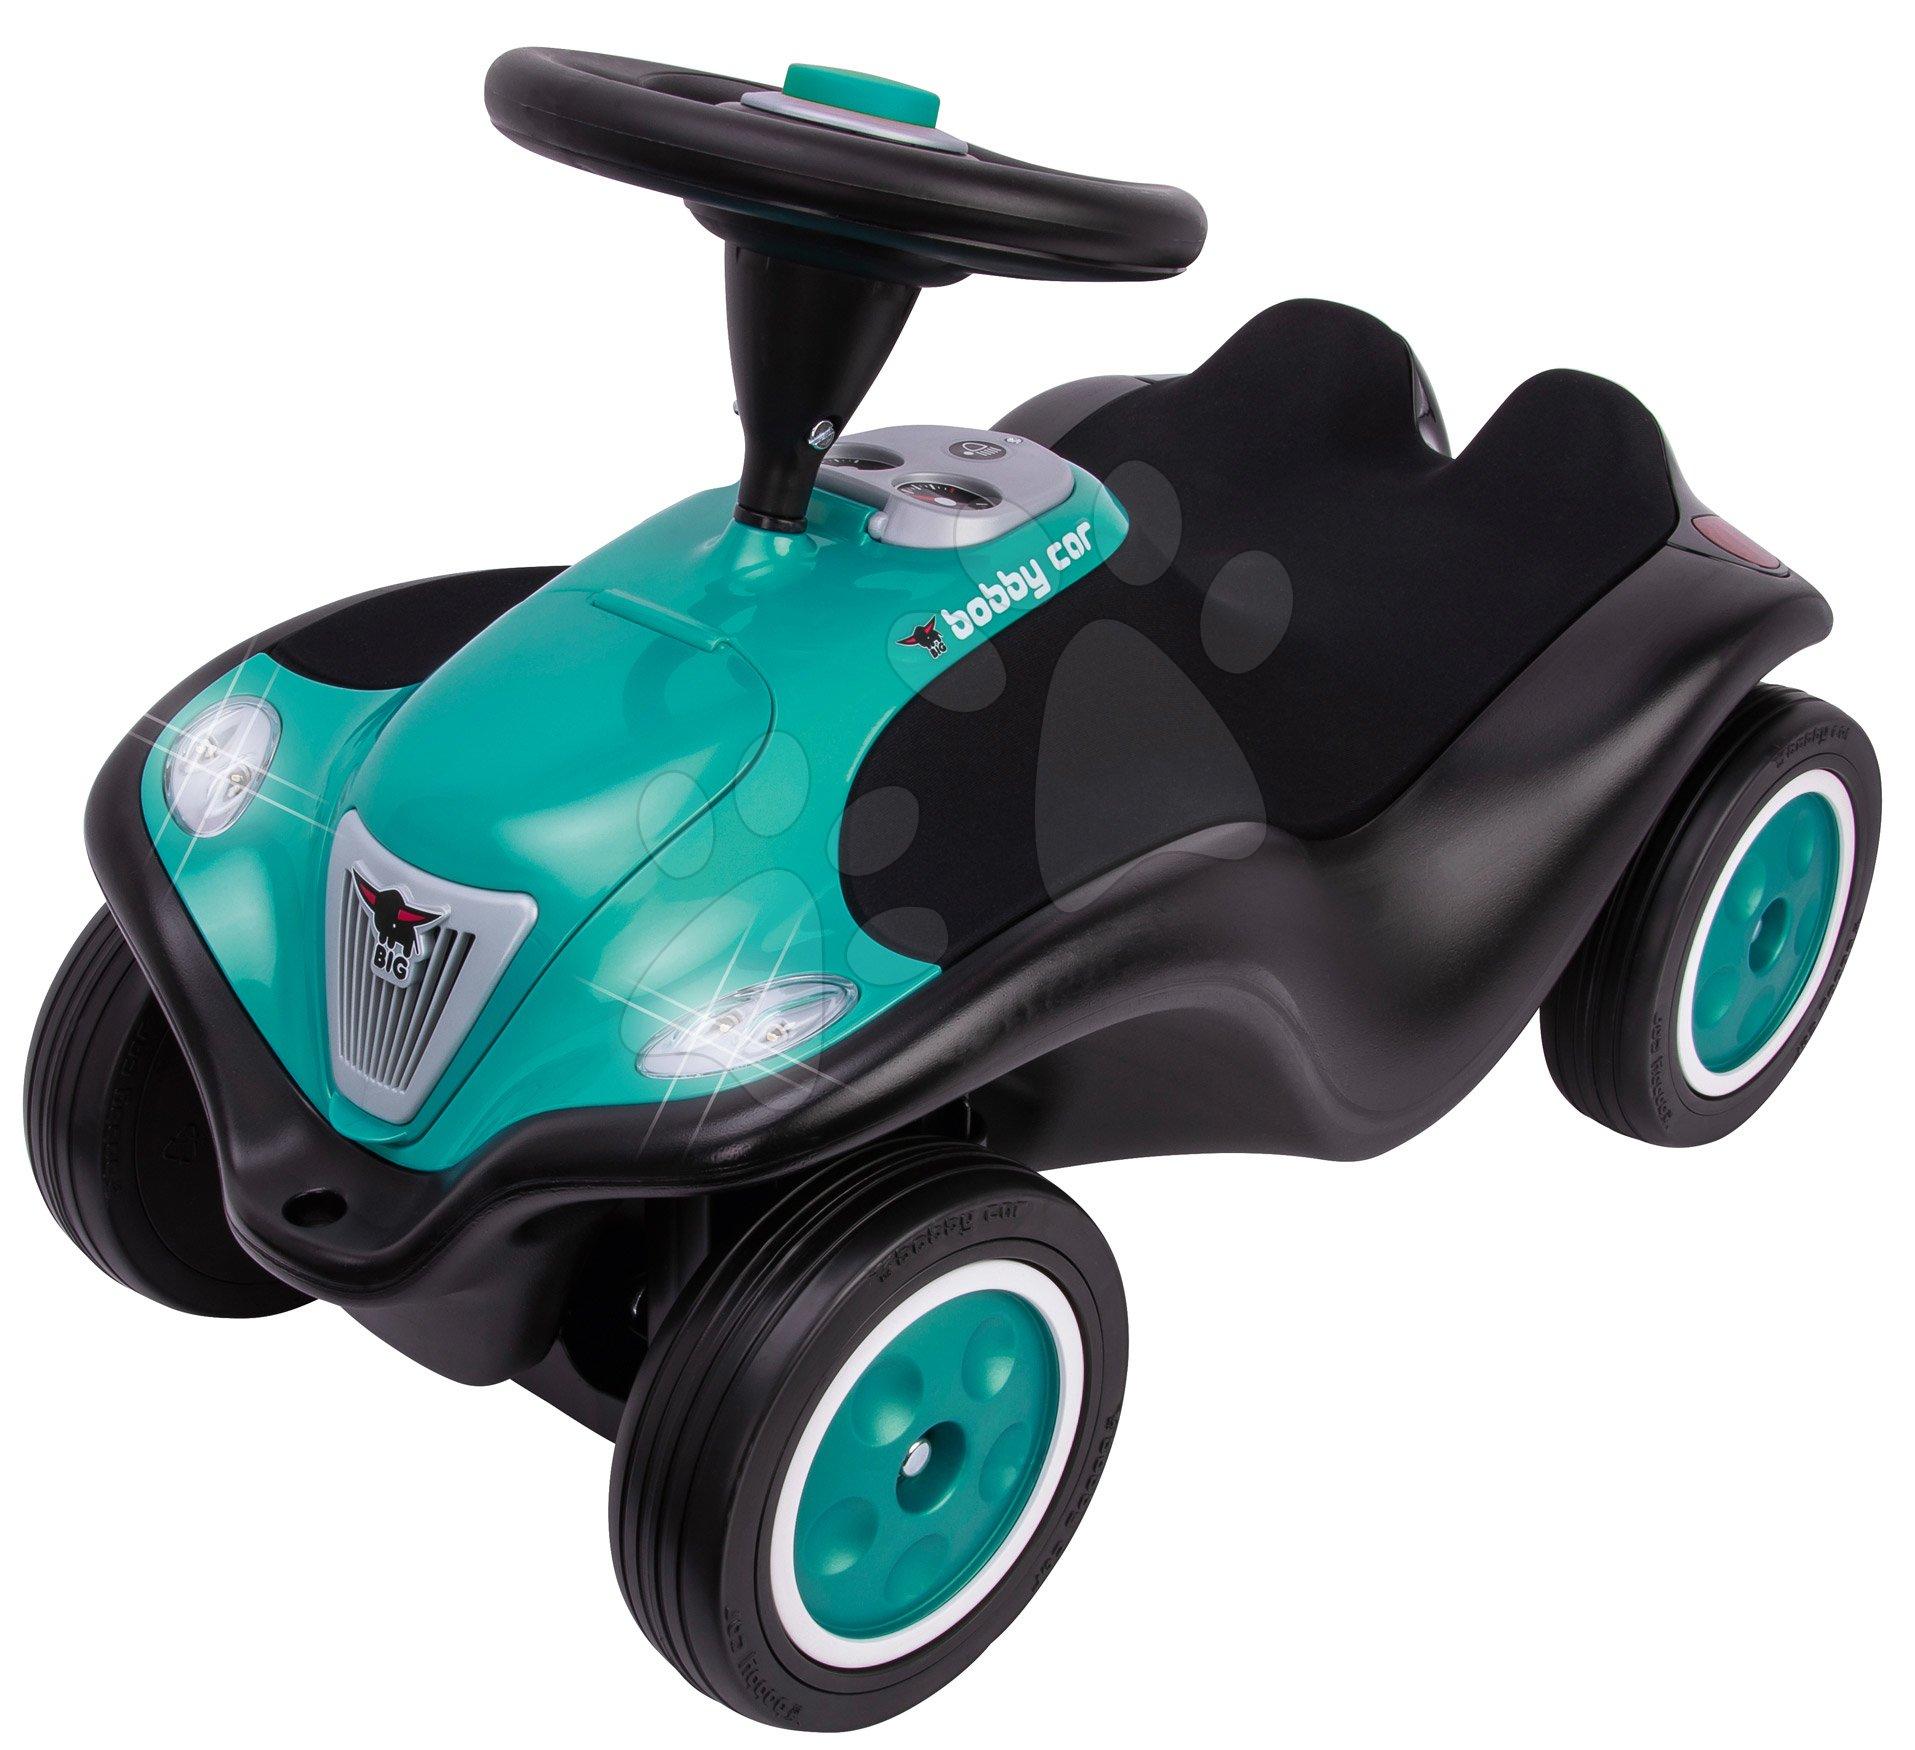 Odrážadlá od 12 mesiacov - Odrážadlo Bobby Car Next Turquoise BIG s LED reflektormi a elektronickým klaksónom ergonomické sedadlo s velúrom od 12 mes